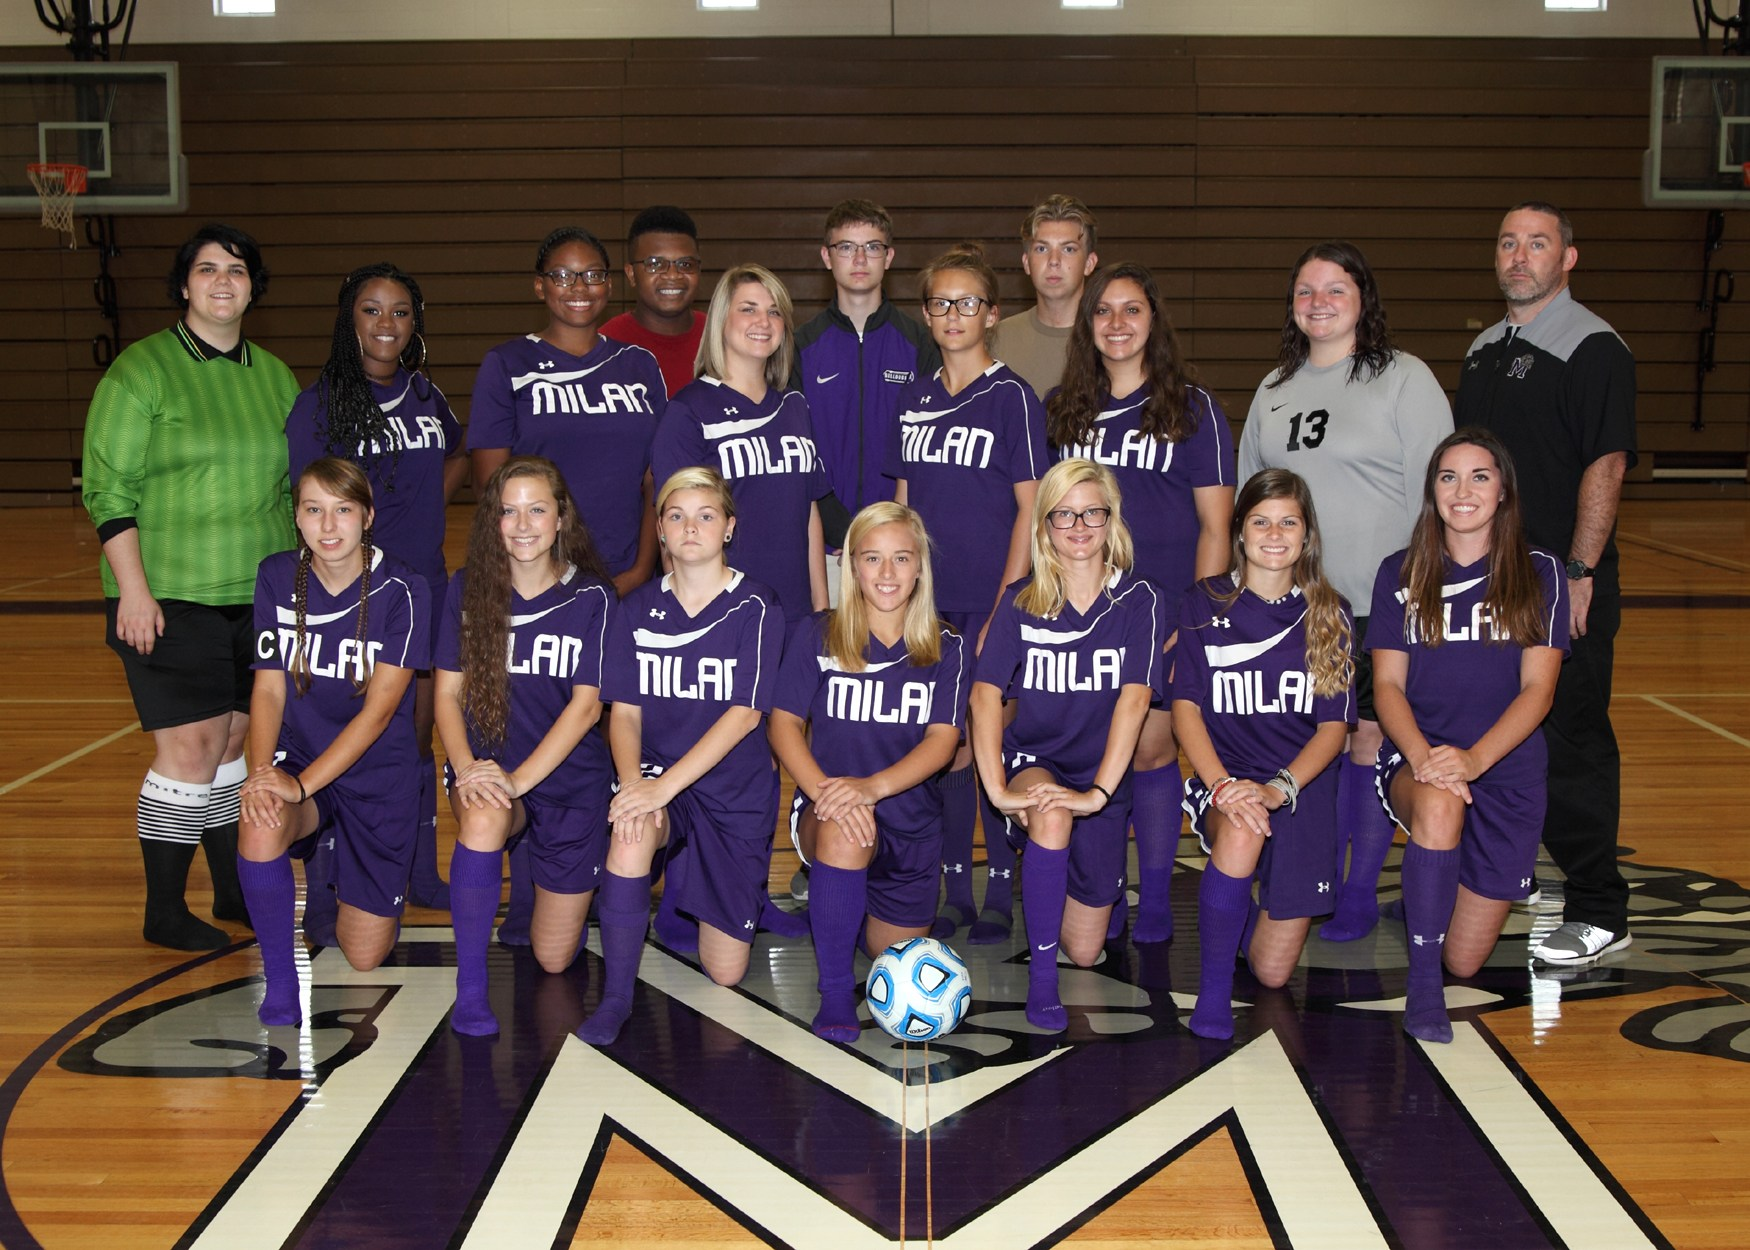 Girl Soccer Team Photo